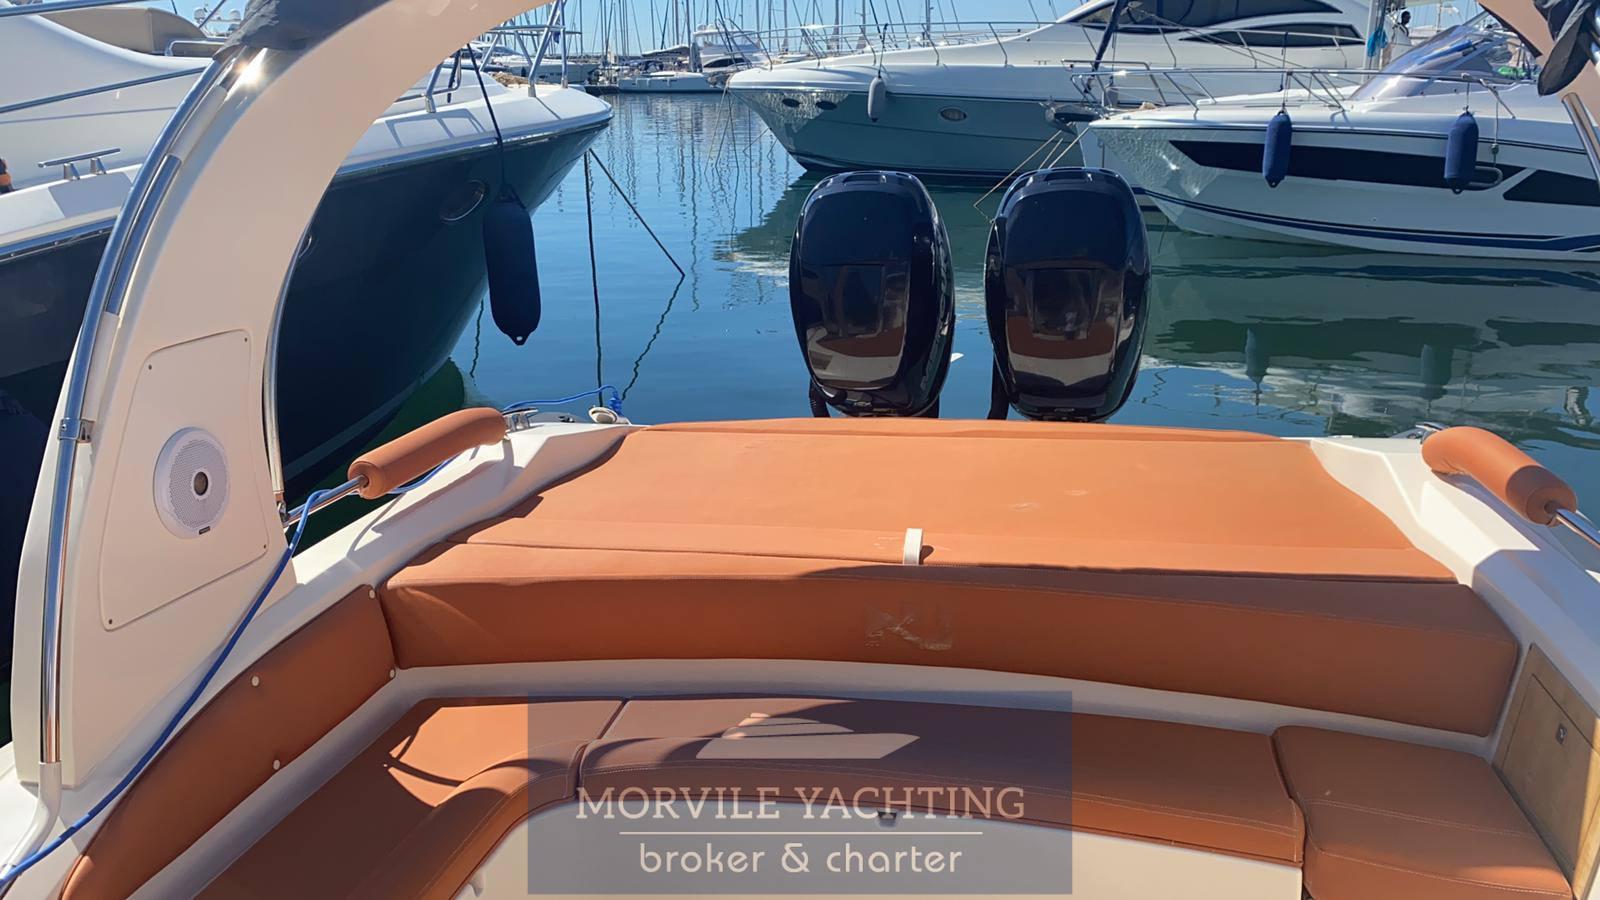 NUOVA JOLLY 35 sport cabin Gommone barcos usados para la venta